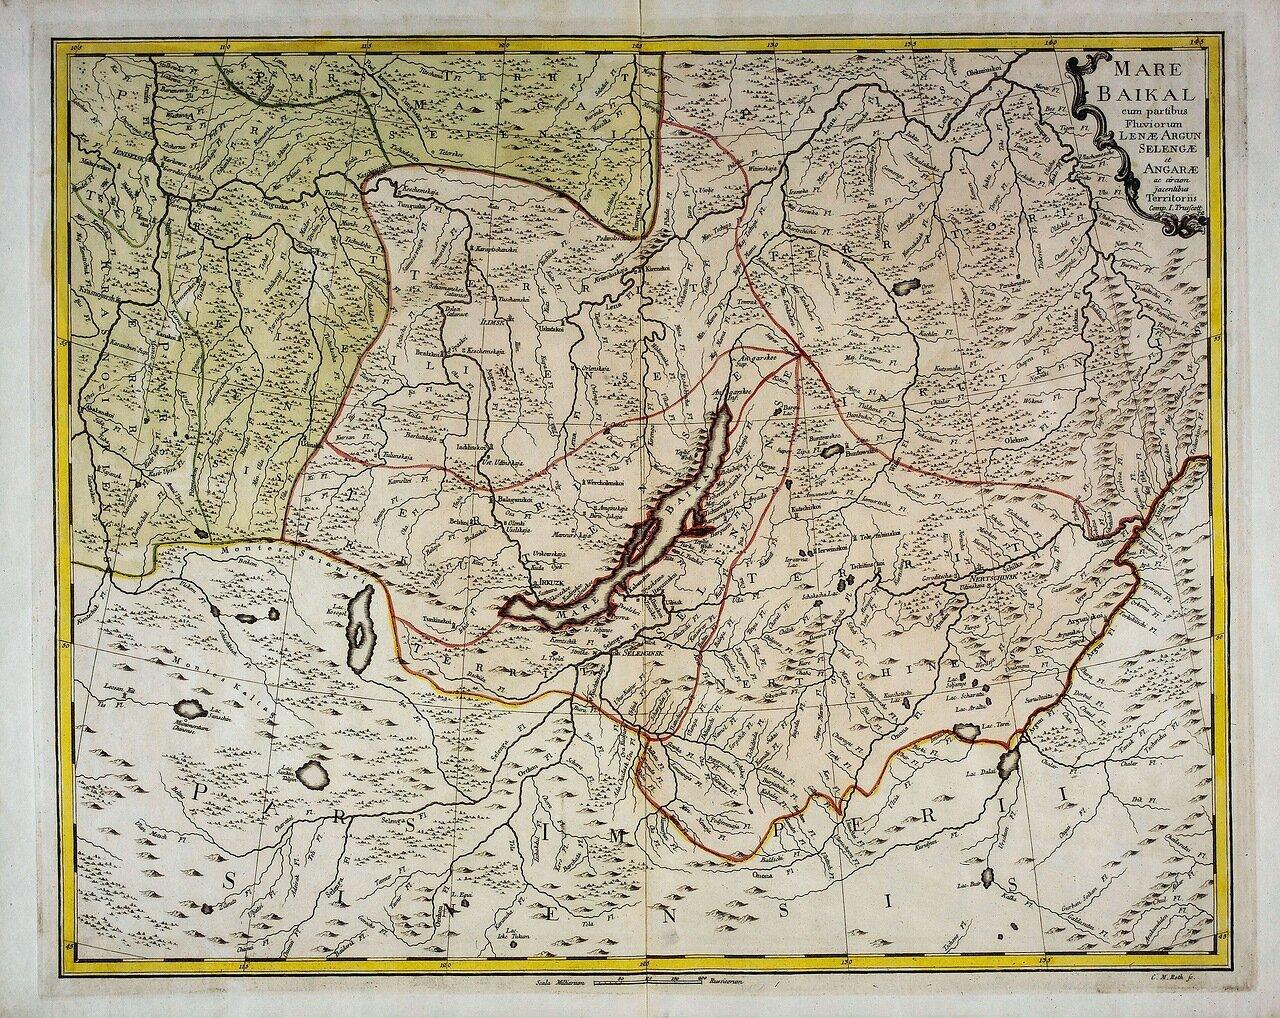 1760. Озеро Байкал с частями рек Аргунь, Селенги,  Ангары, Лены и прилегающих территорий